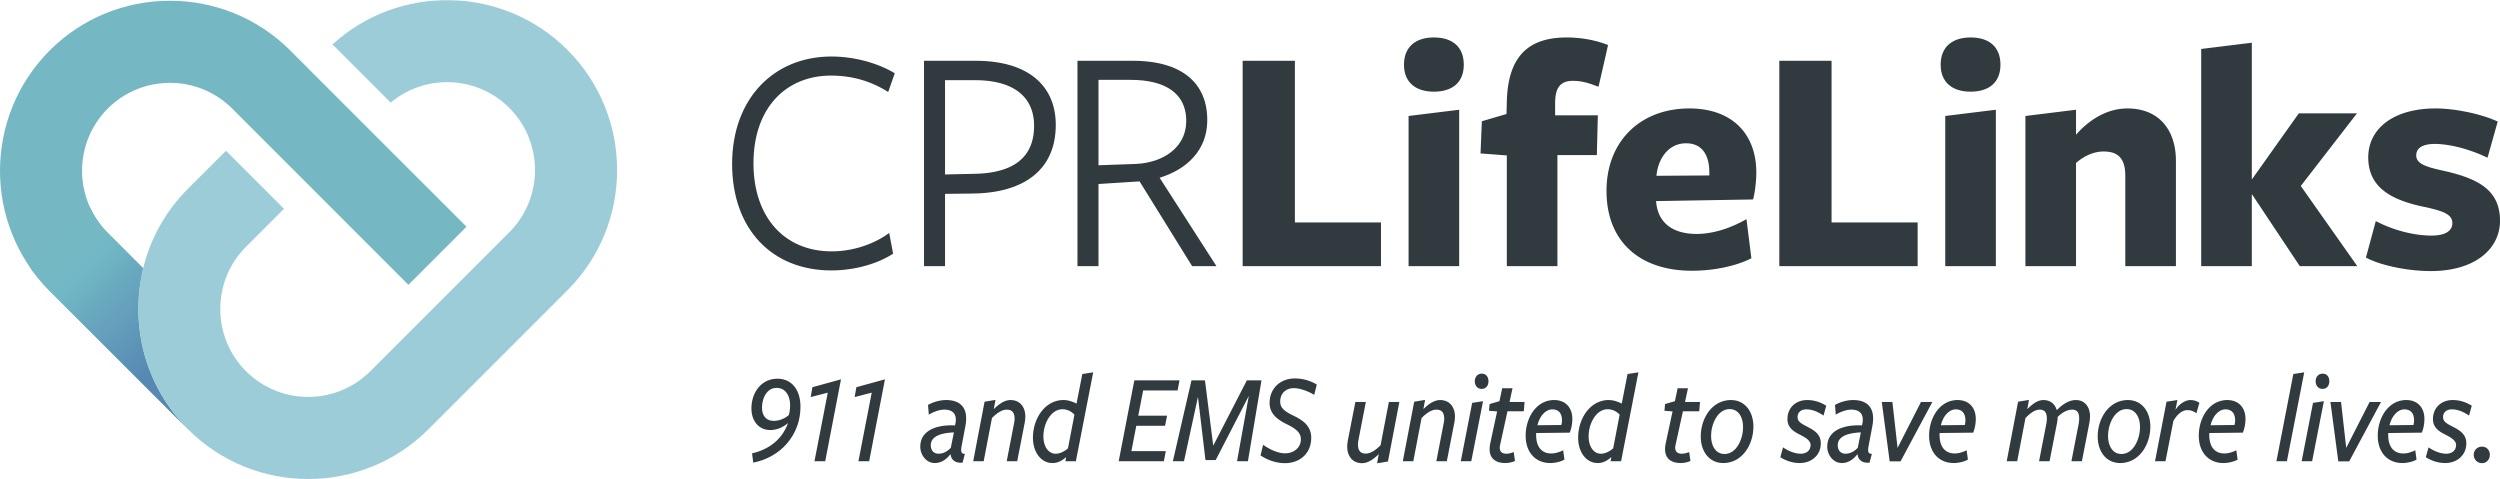 CPR LifeLinks logo.jpg